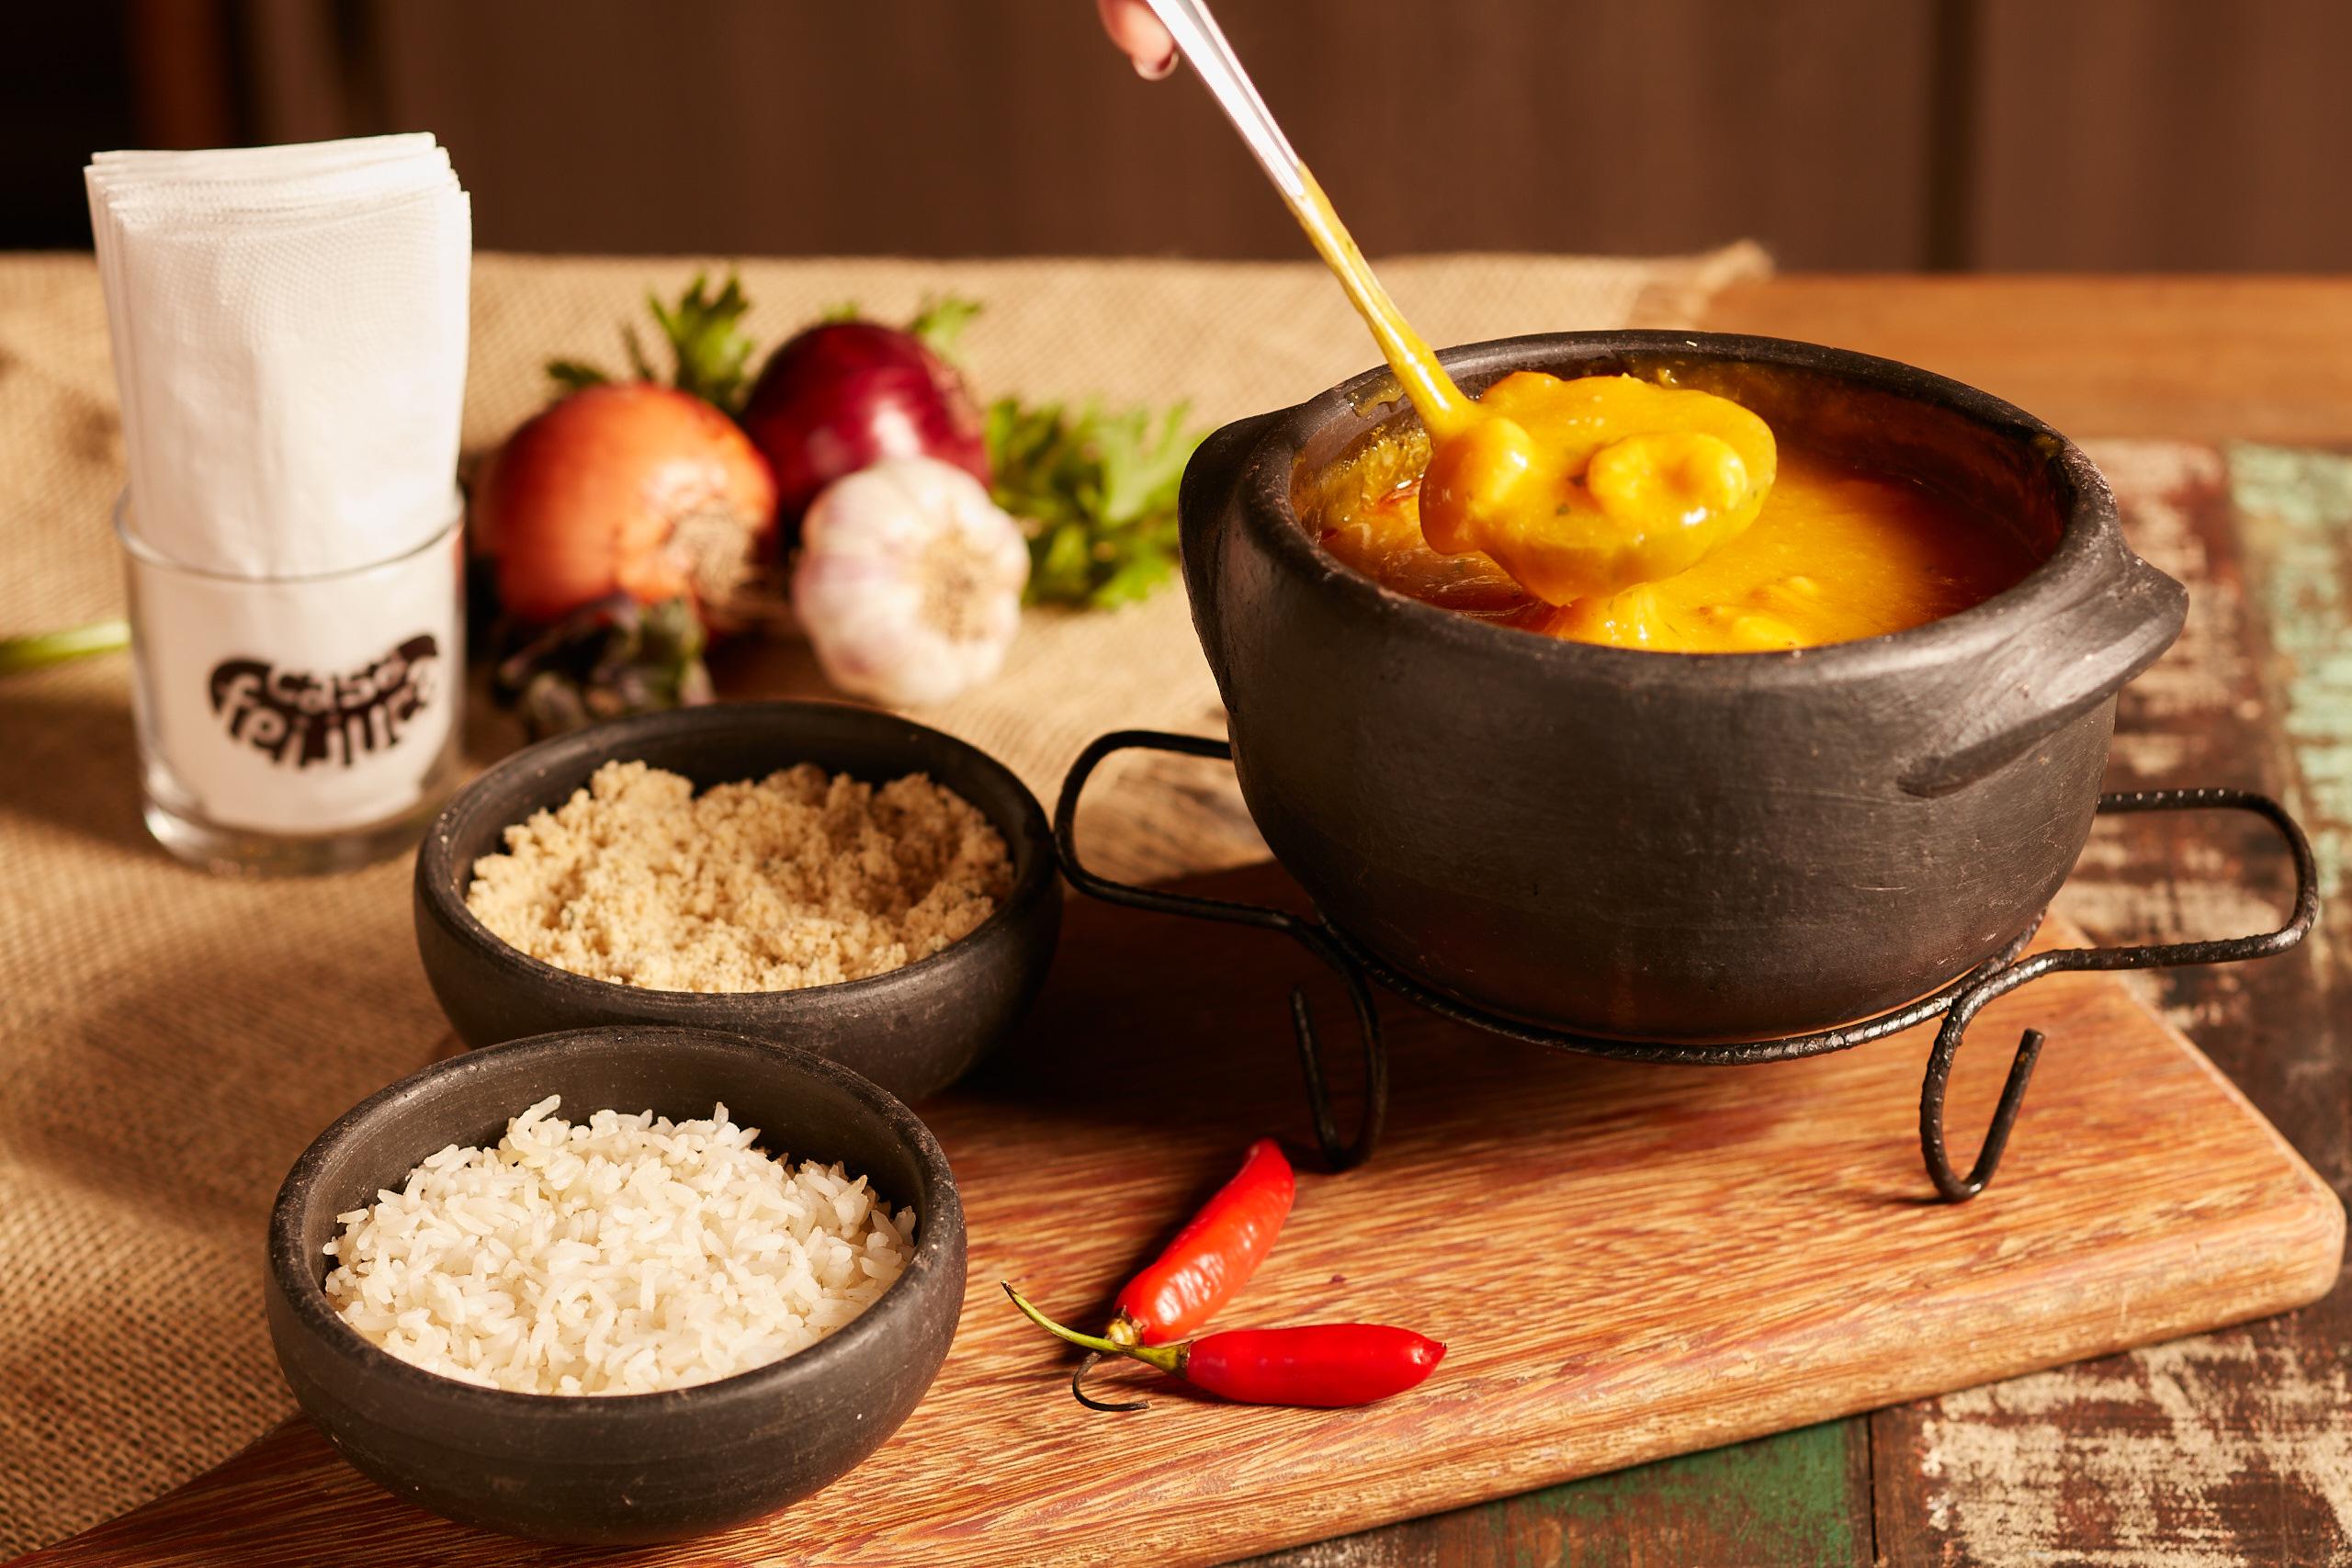 Bobó de camarão, moqueca e outros pratos tradicionais da gastronomia brasileira são destaques de novo restaurante em Blumenau (SC)